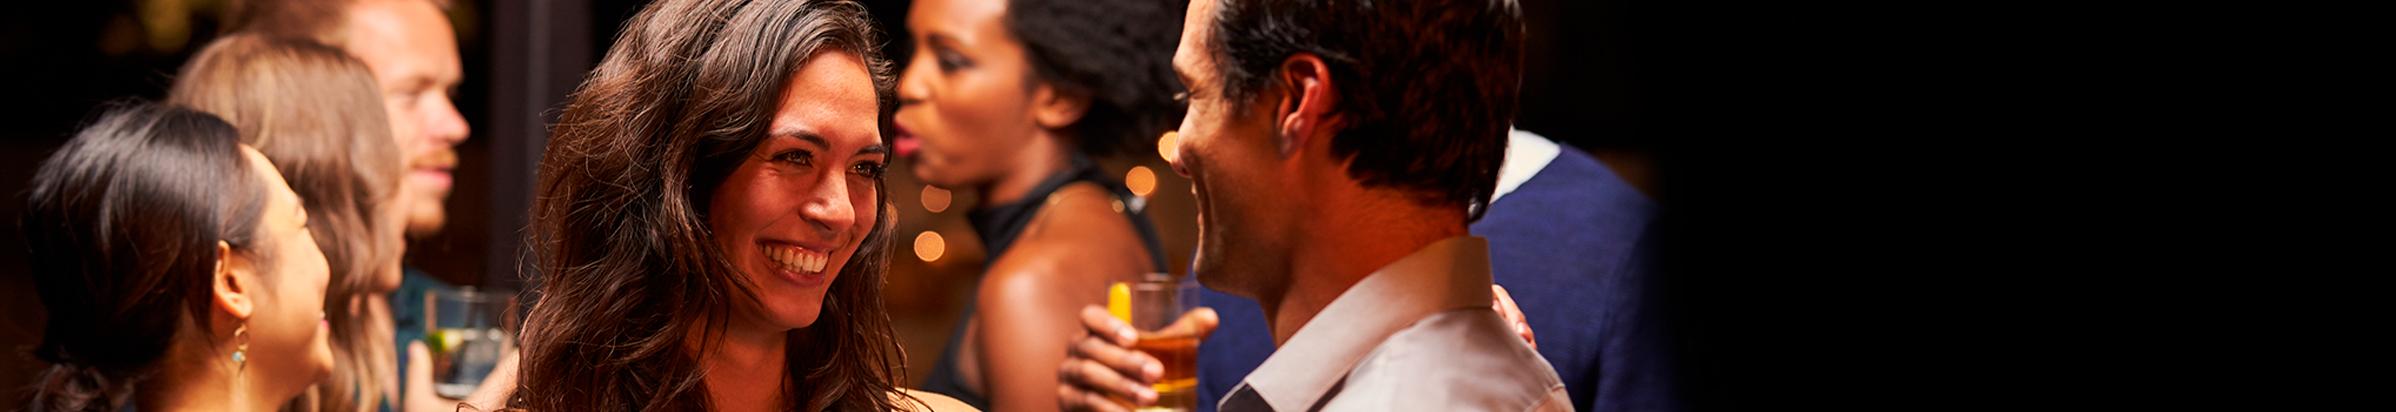 Juntoz-San Valentín-tour de bares